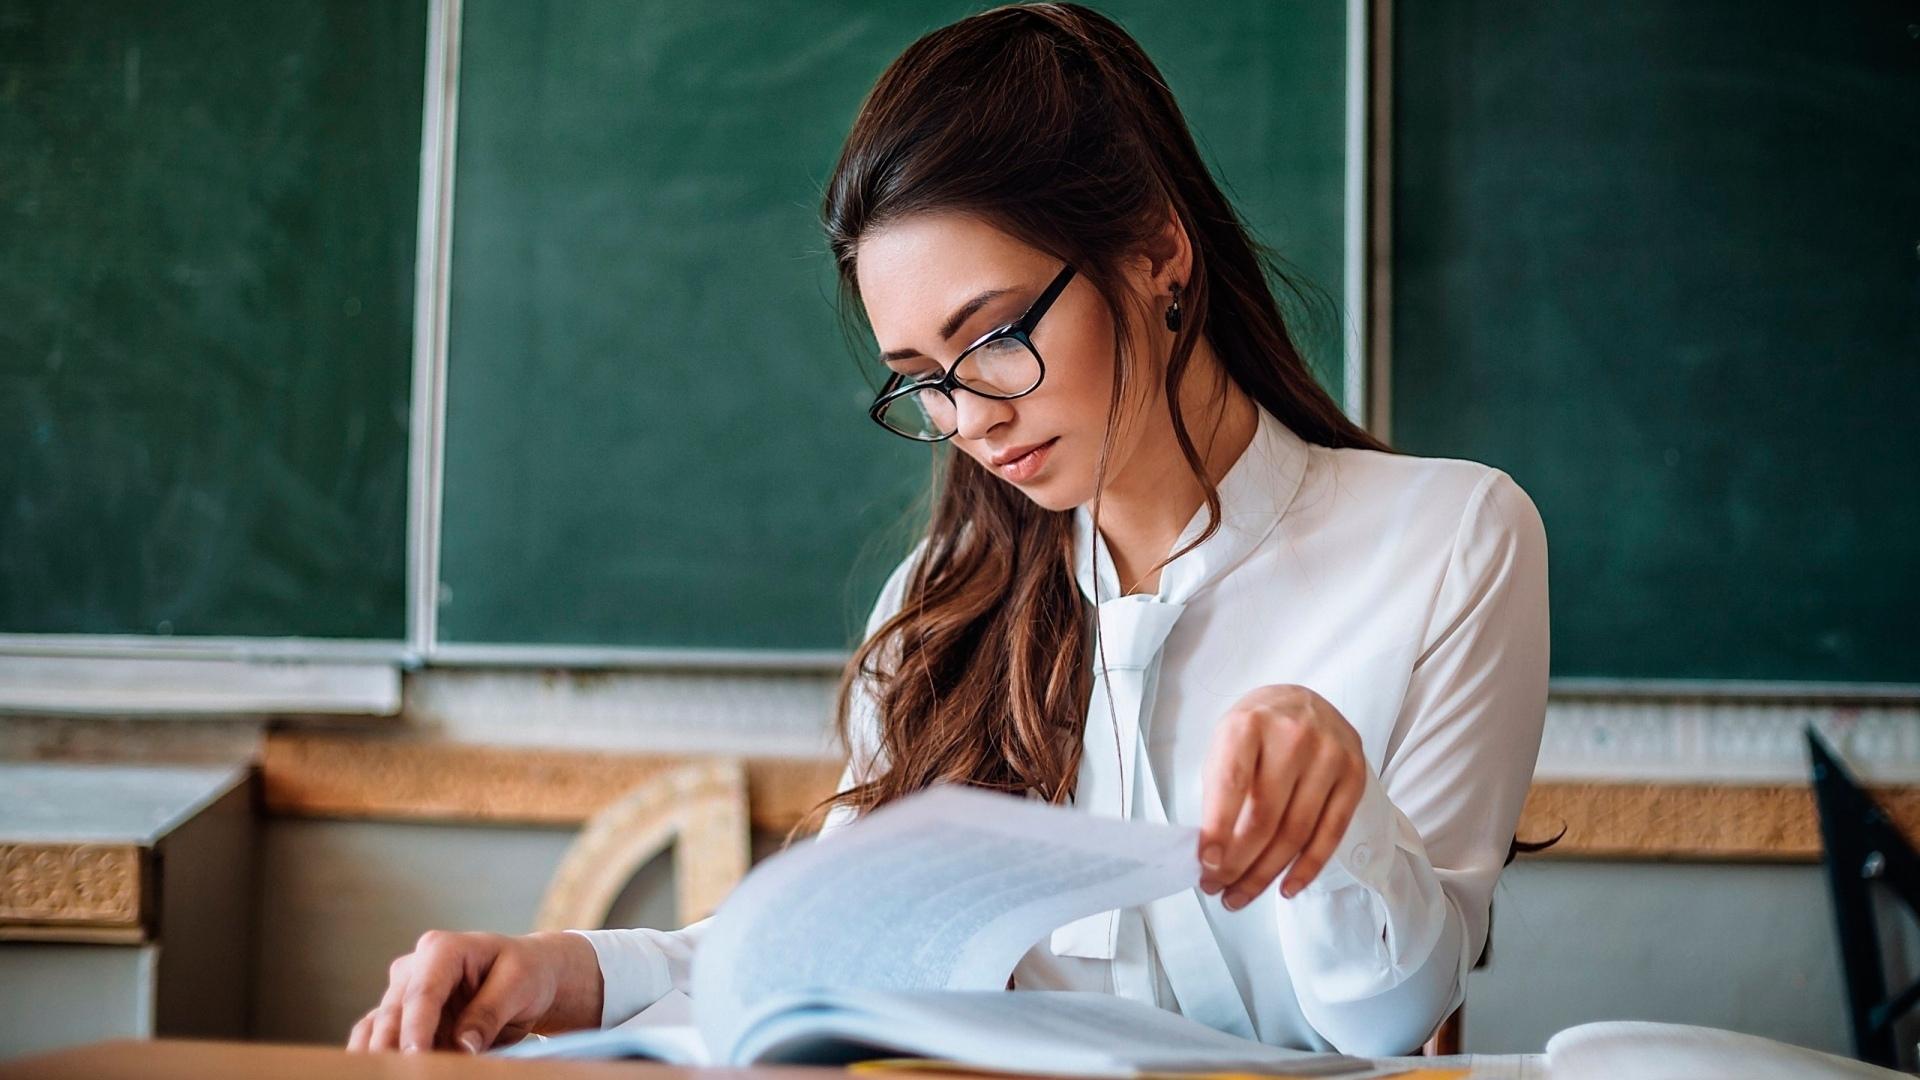 Сексуальная учительница - позор школе?